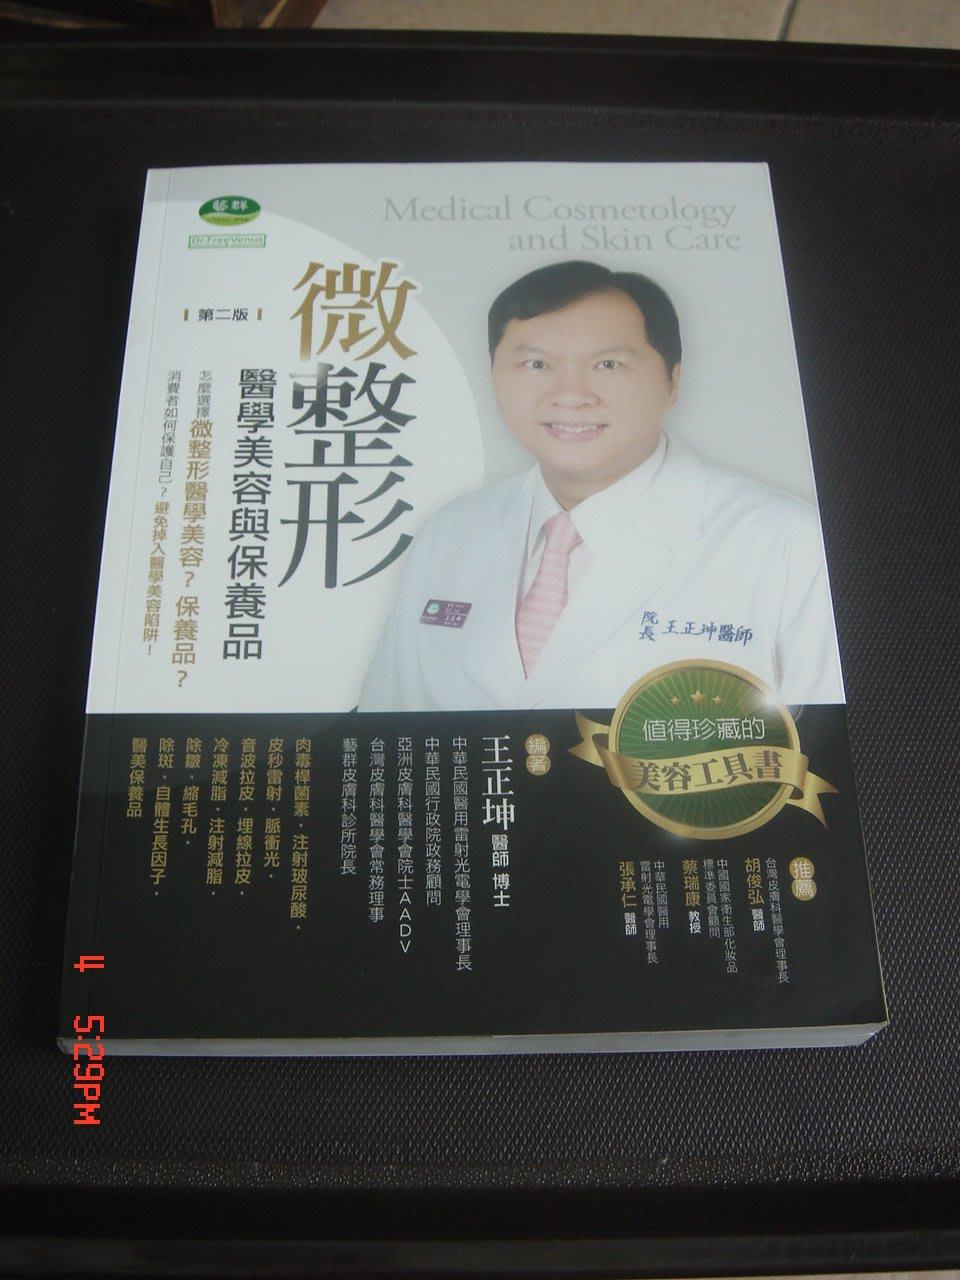 微整形 醫學美容與保養品 第二版 王正坤醫師 2017年